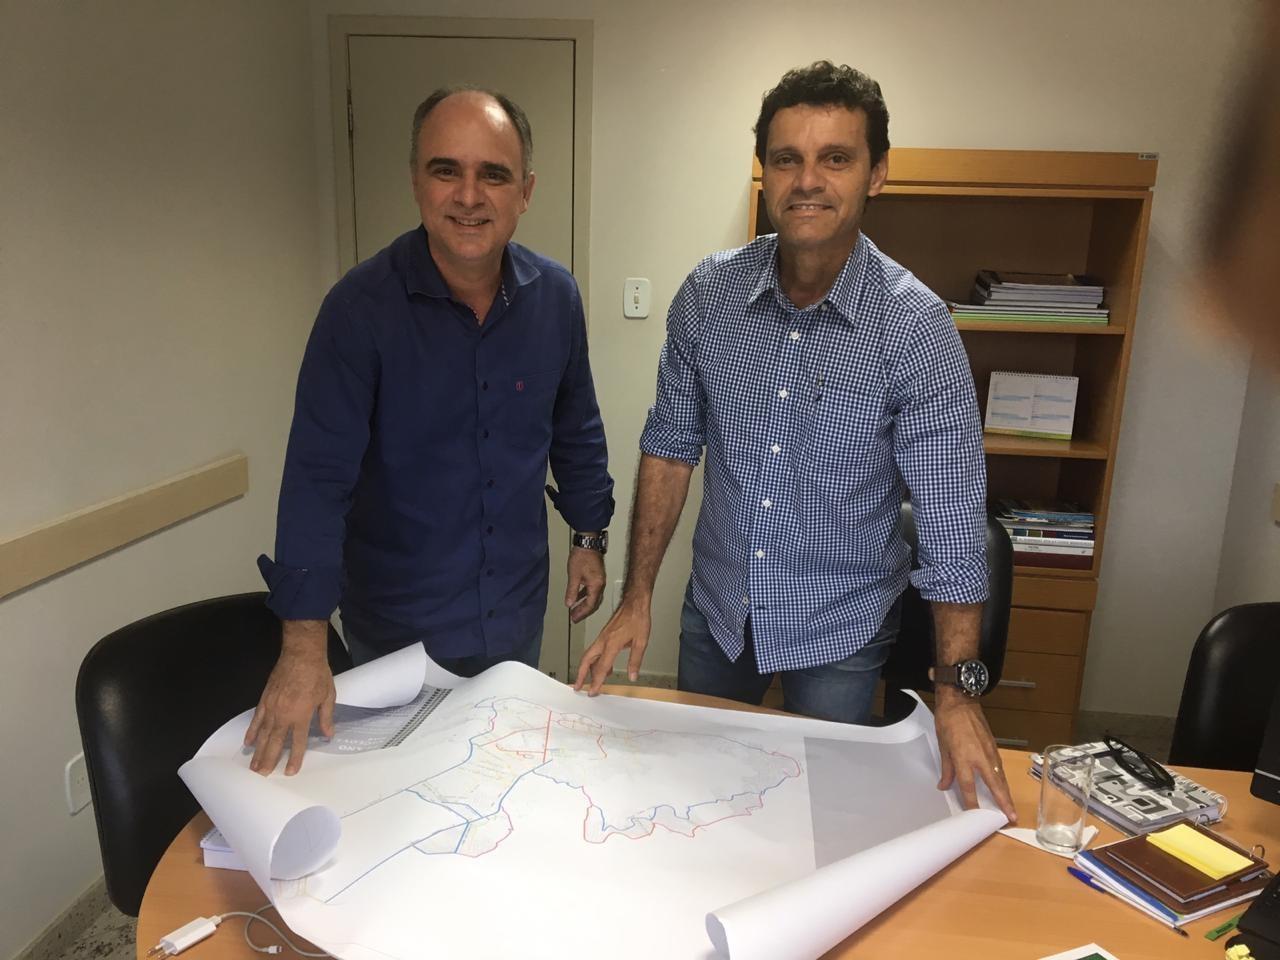 Visita do arquiteto e urbanista, Heliomar Venâncio, trazendo boas ideias de Mobilidade Ativa para a cidade de Vila Velha.